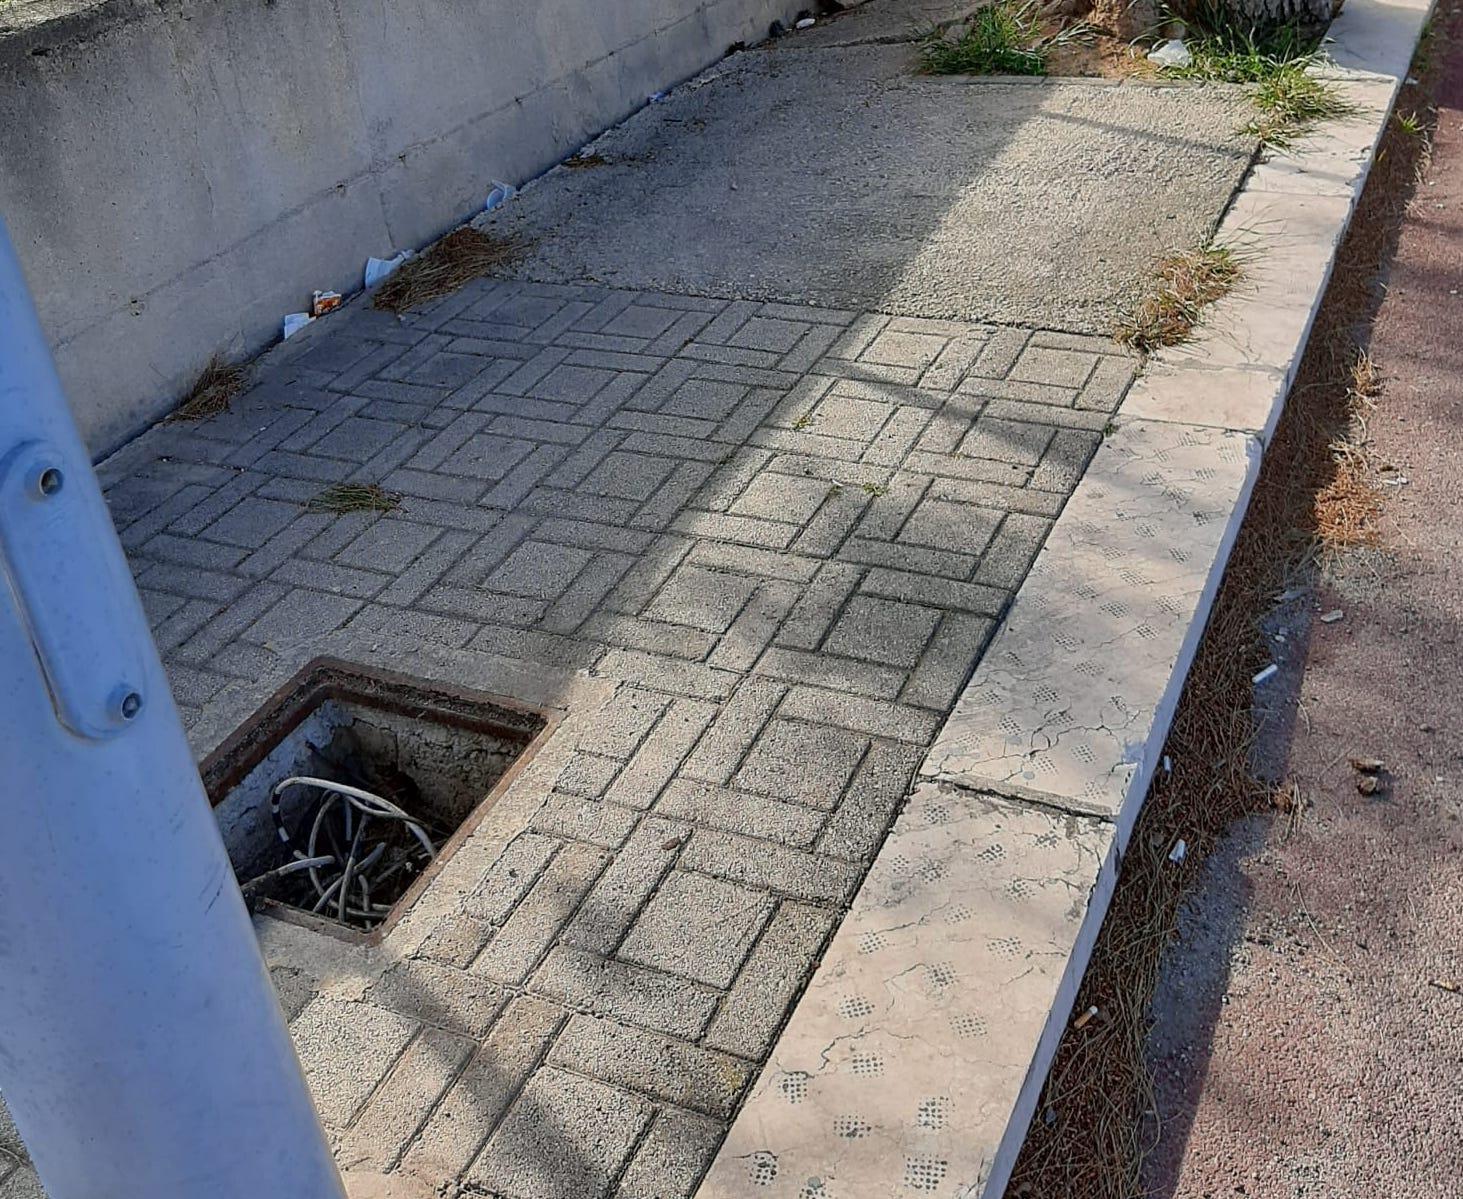 Furti di rame e di cavi elettrici in un Comune del Palermitano: la segnalazione dei cittadini